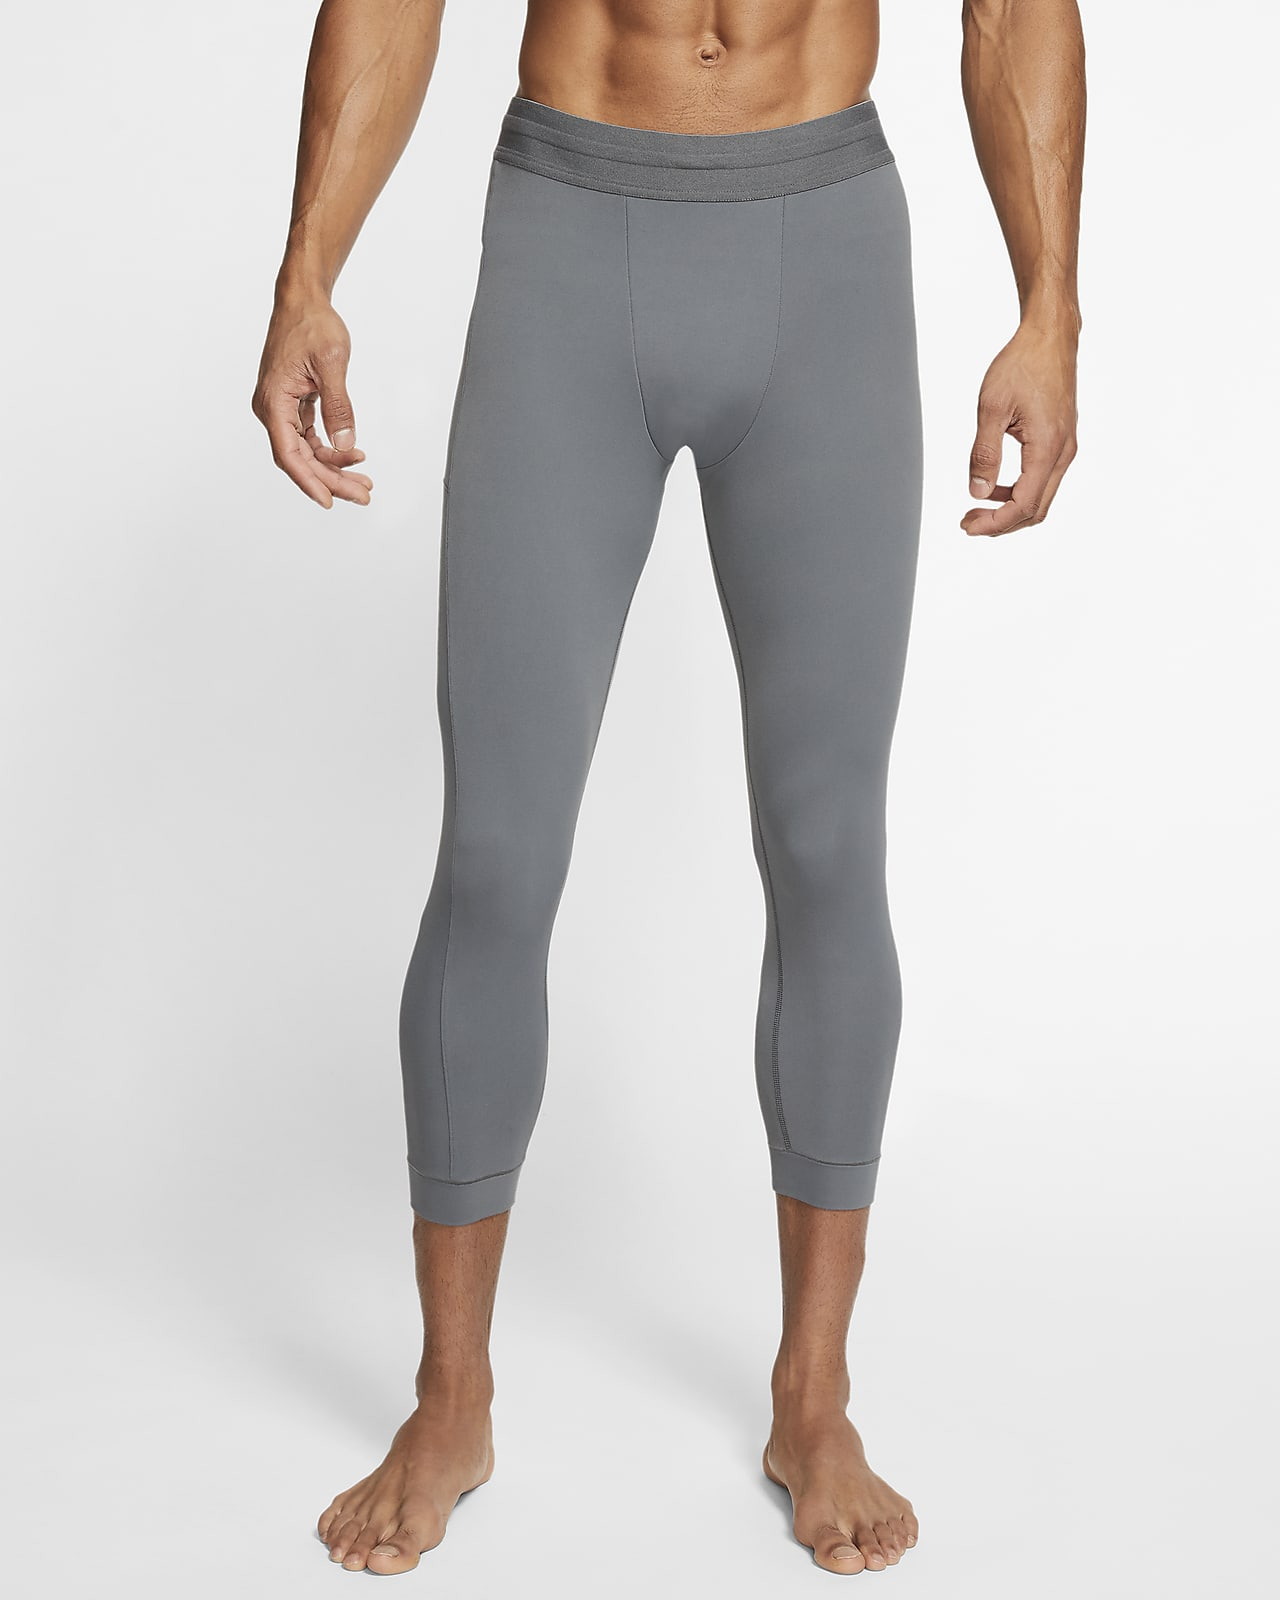 Tights a 3/4 em Infinalon Nike Yoga Dri-FIT para homem